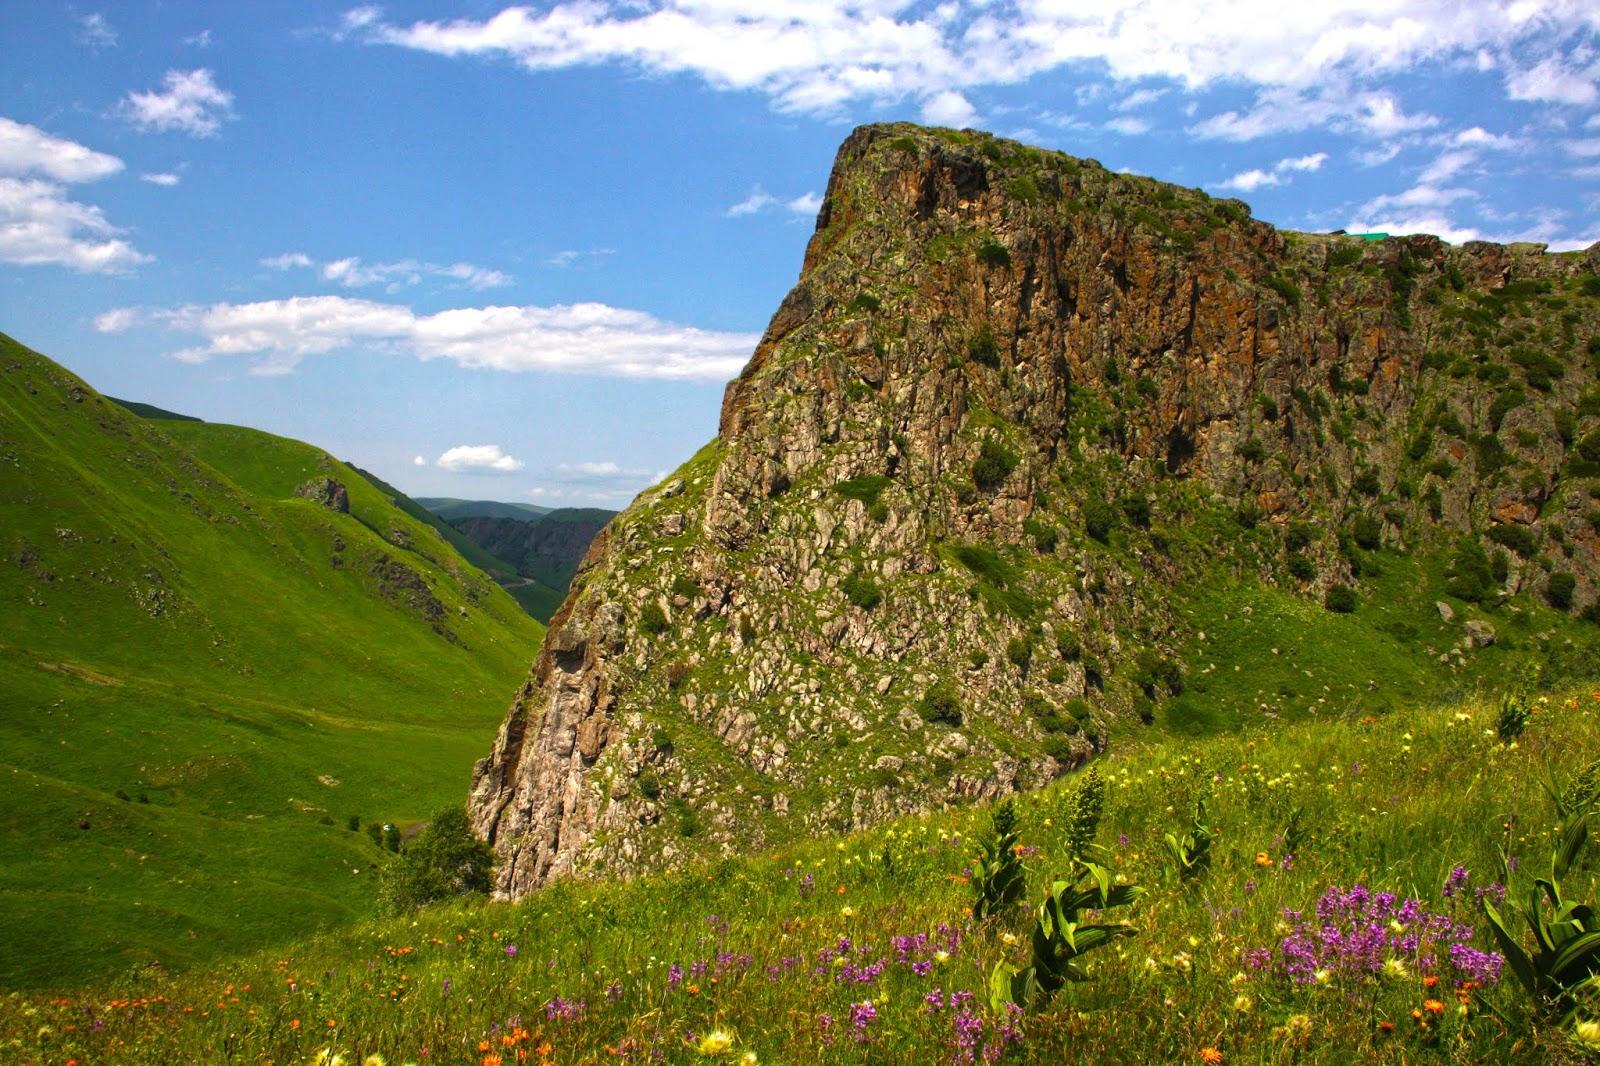 Летом в горах преобладает зеленый цвет